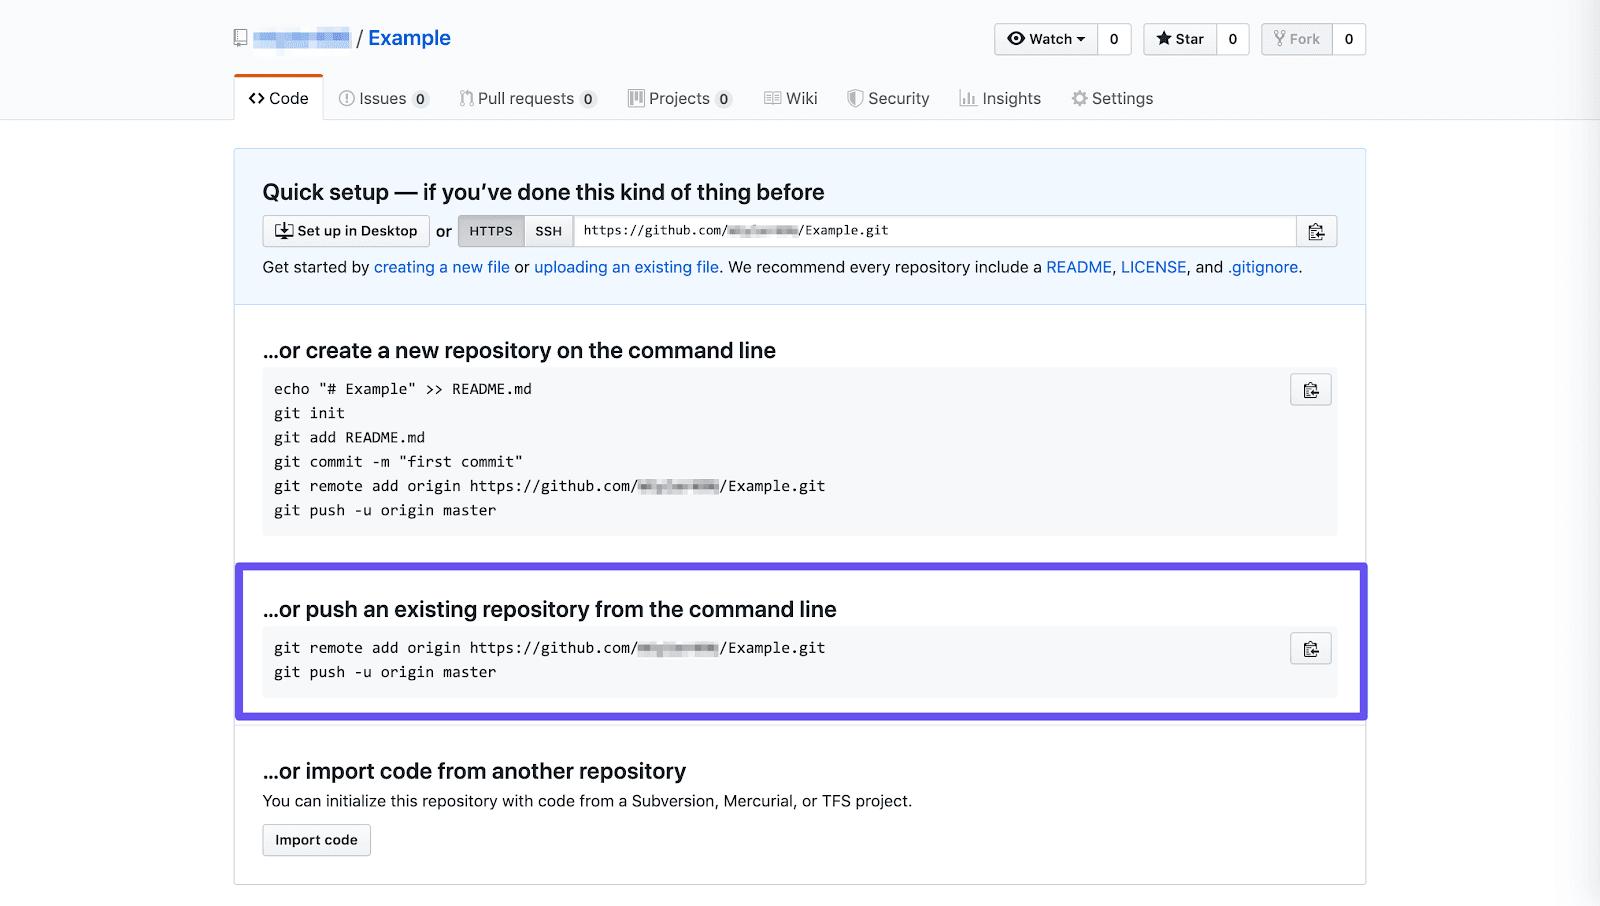 Push een bestaande repository via de opdrachtregeloptie